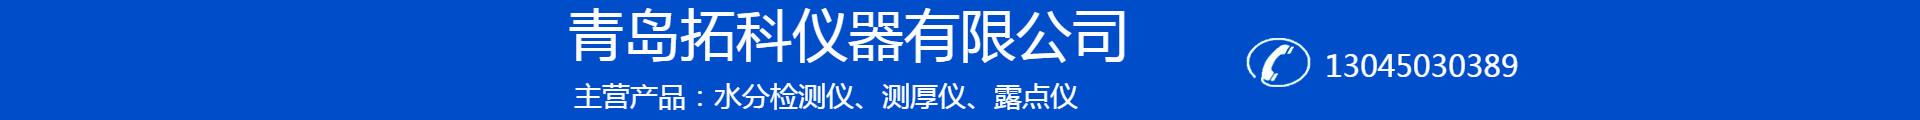 青岛拓科仪器有限公司